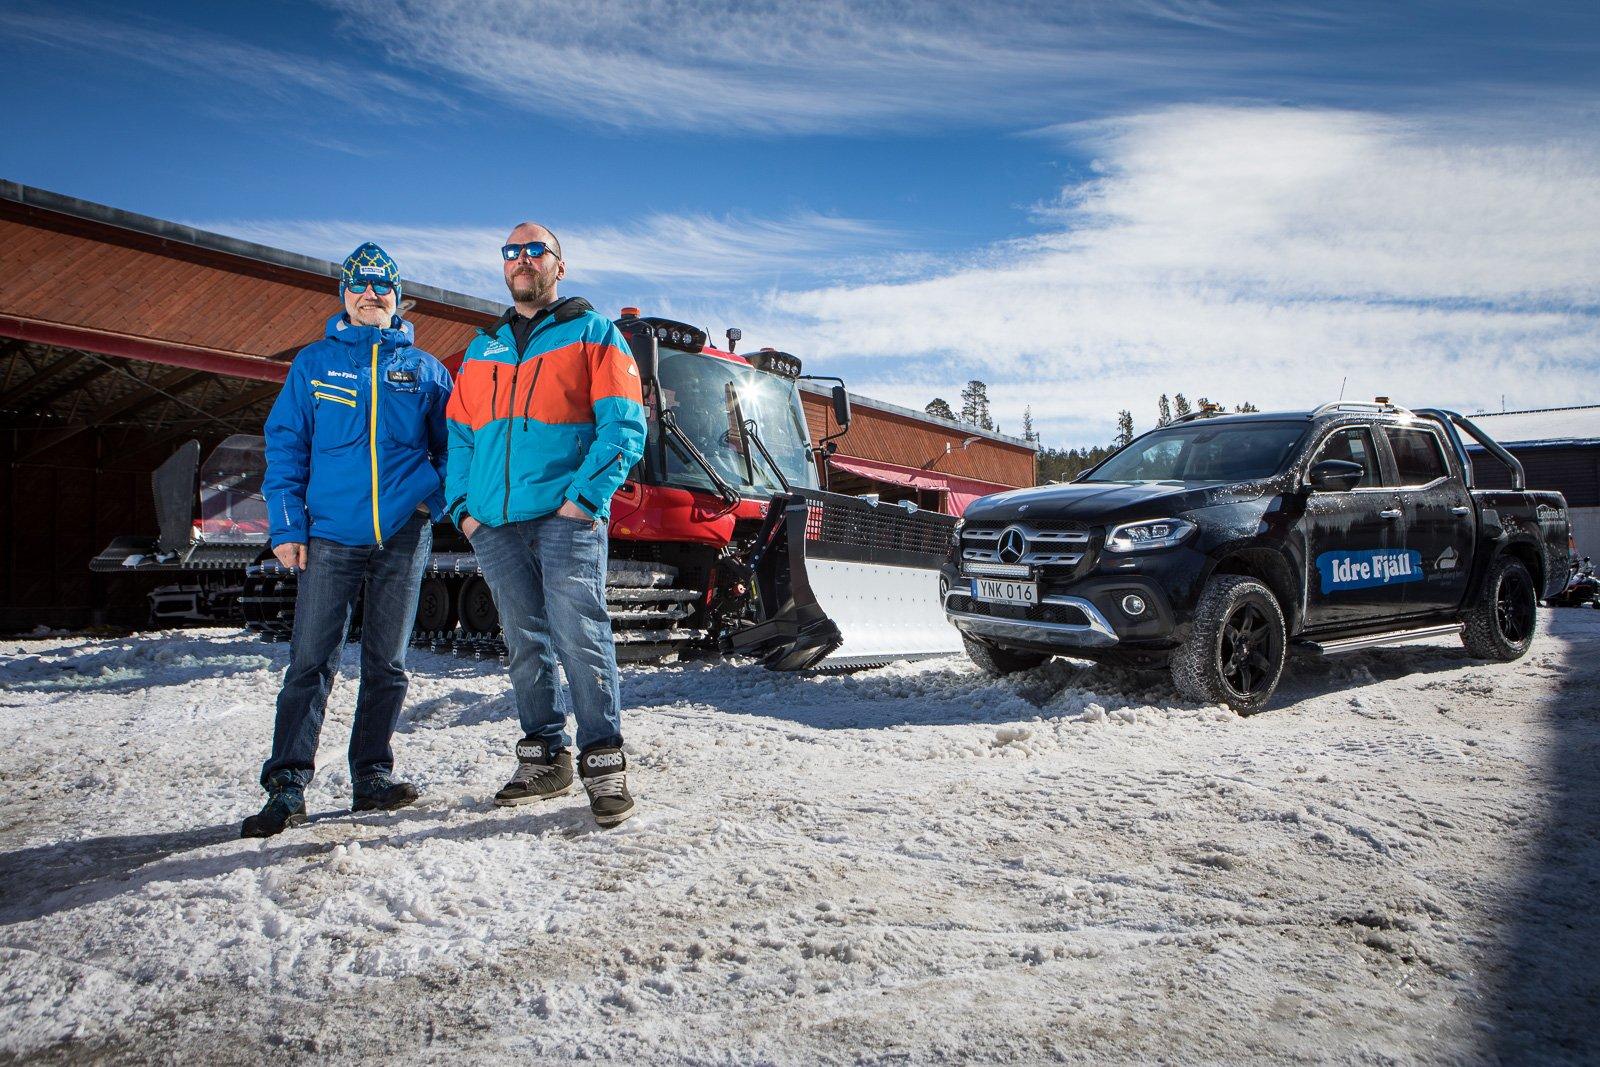 Idre fjäll har flera Mercedes X-Klass pickuper. De kommer till nytta på en anläggning där snö är själva livsnäringen. Här vid en av de fem Pisten Bully pistmaskiner man har på Idre Fjäll. Jonas Paulsson är pistmakare och Kjell Skoglund är driftchef.